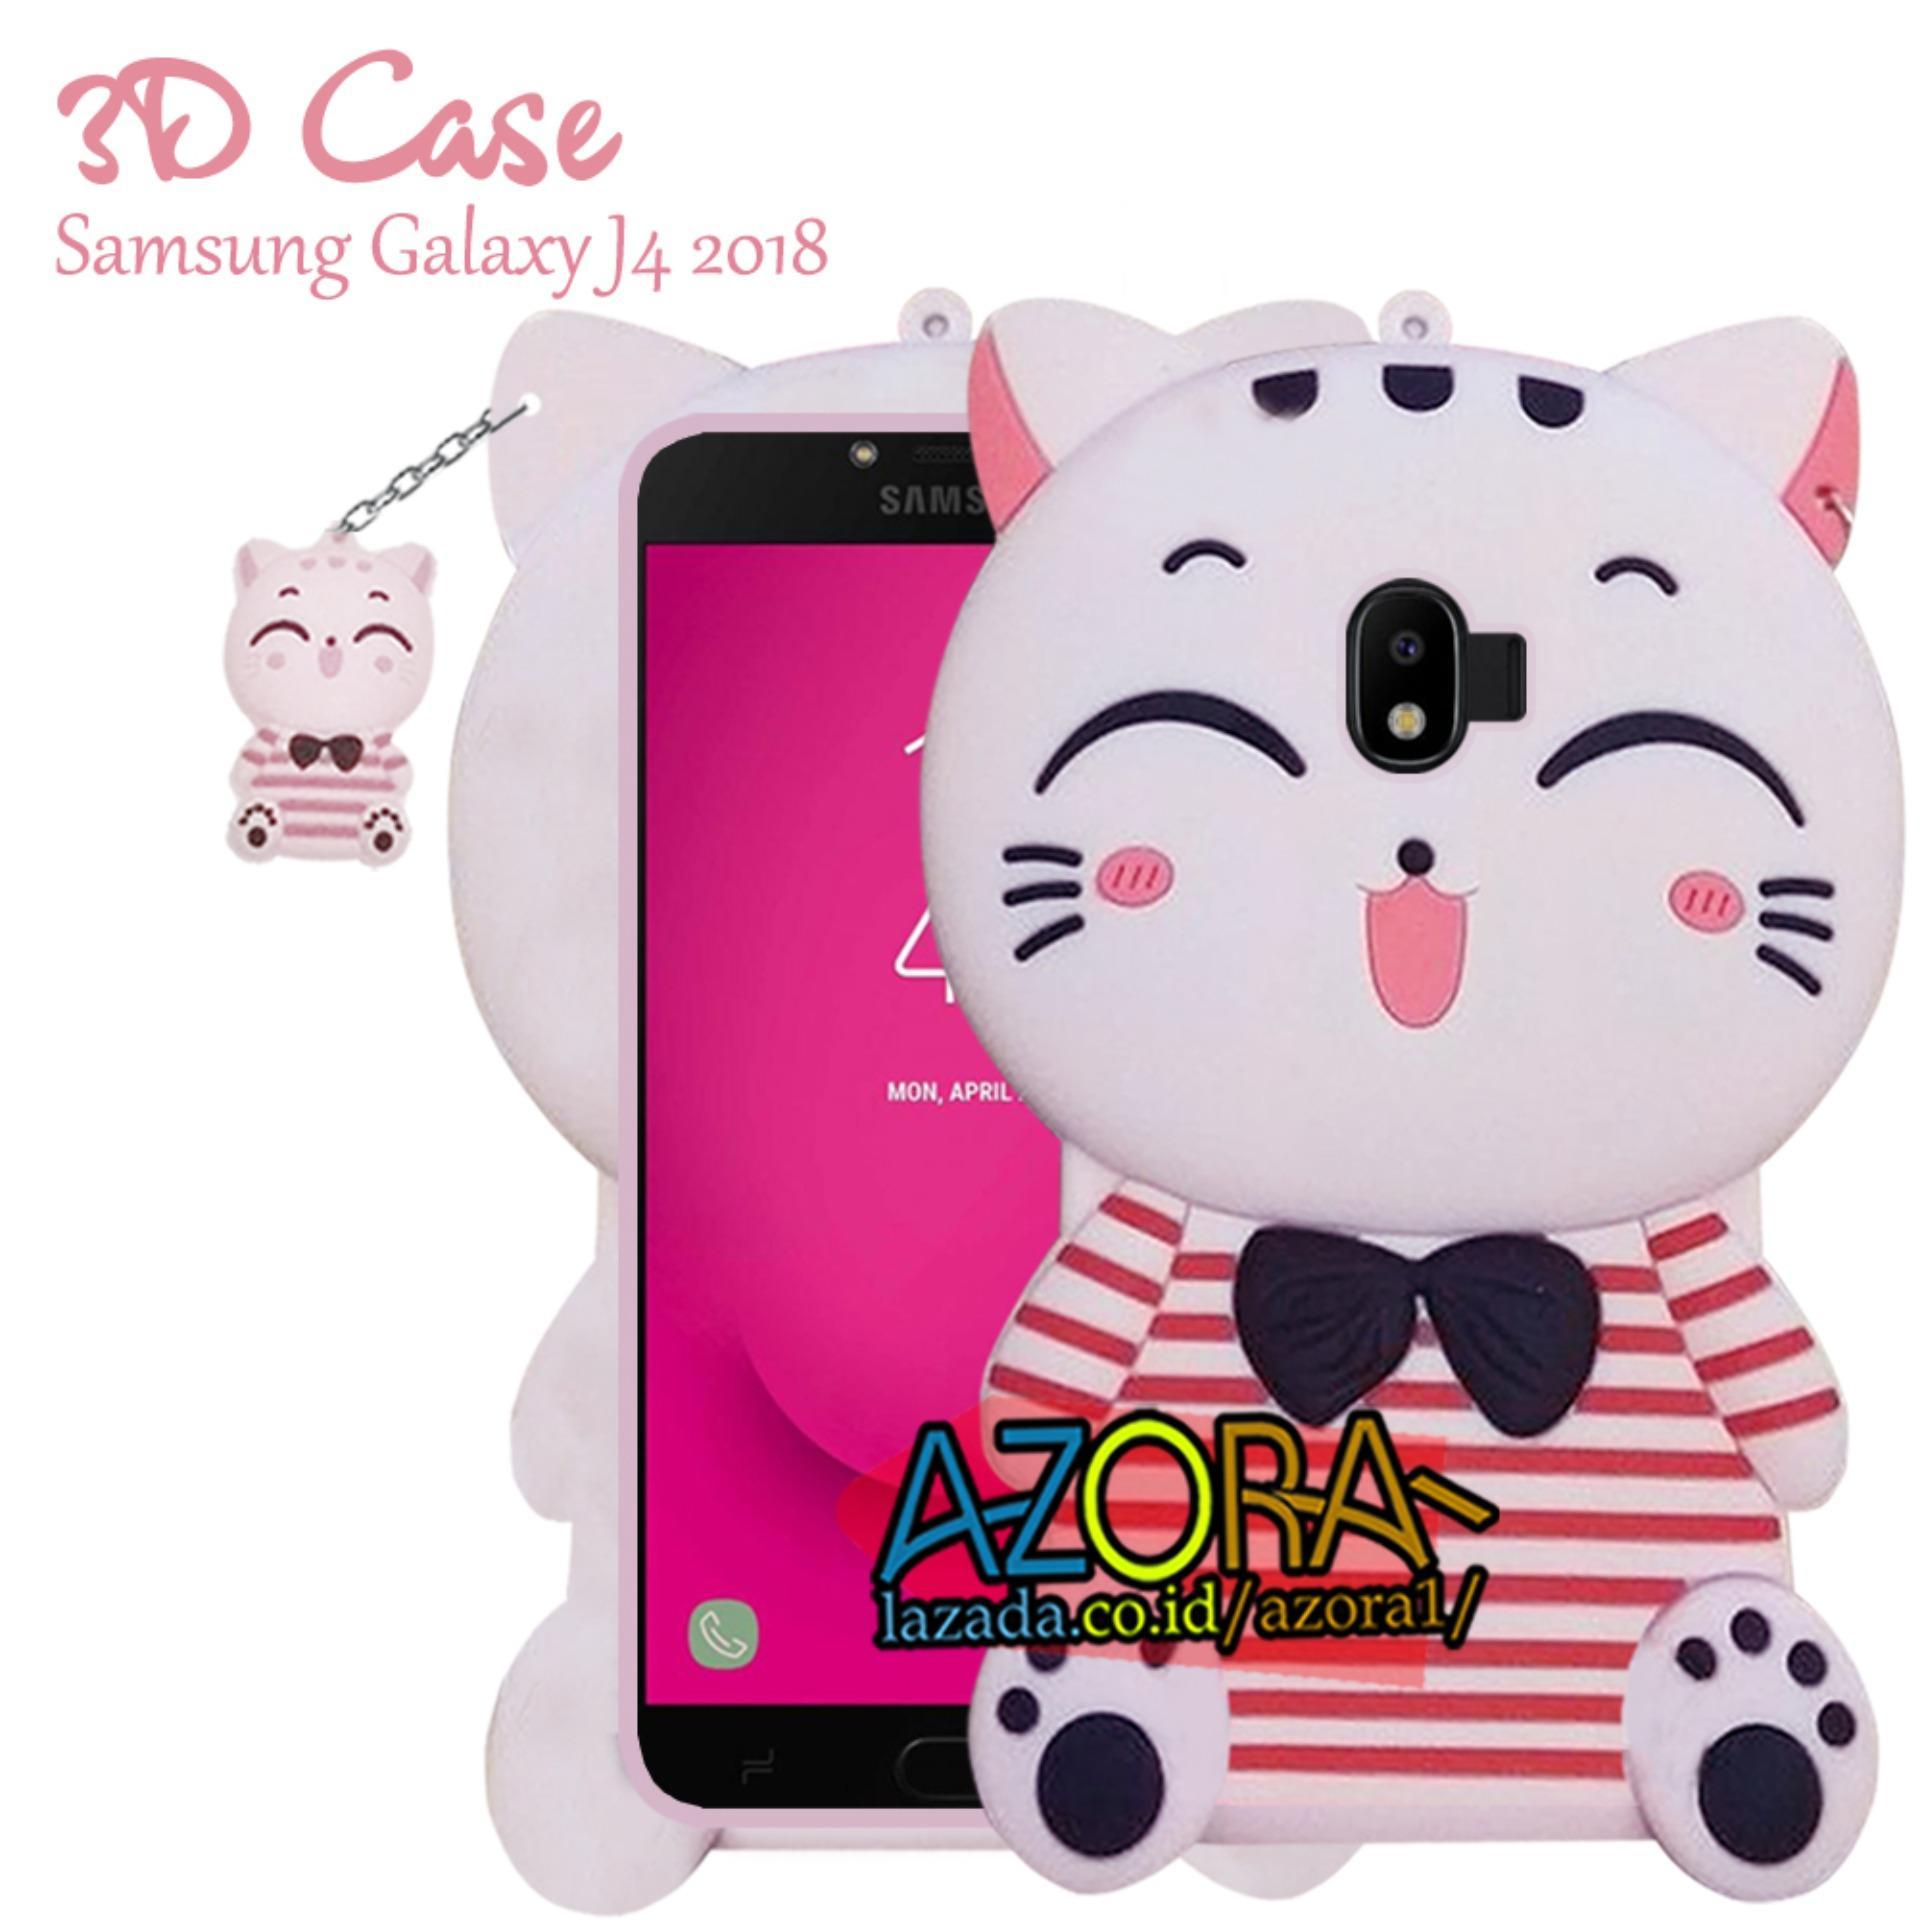 3D Case Samsung Galaxy J4 2018 Softcase 4D Karakter Boneka Hello Kitty Doraemon Lucu Character Cartoon